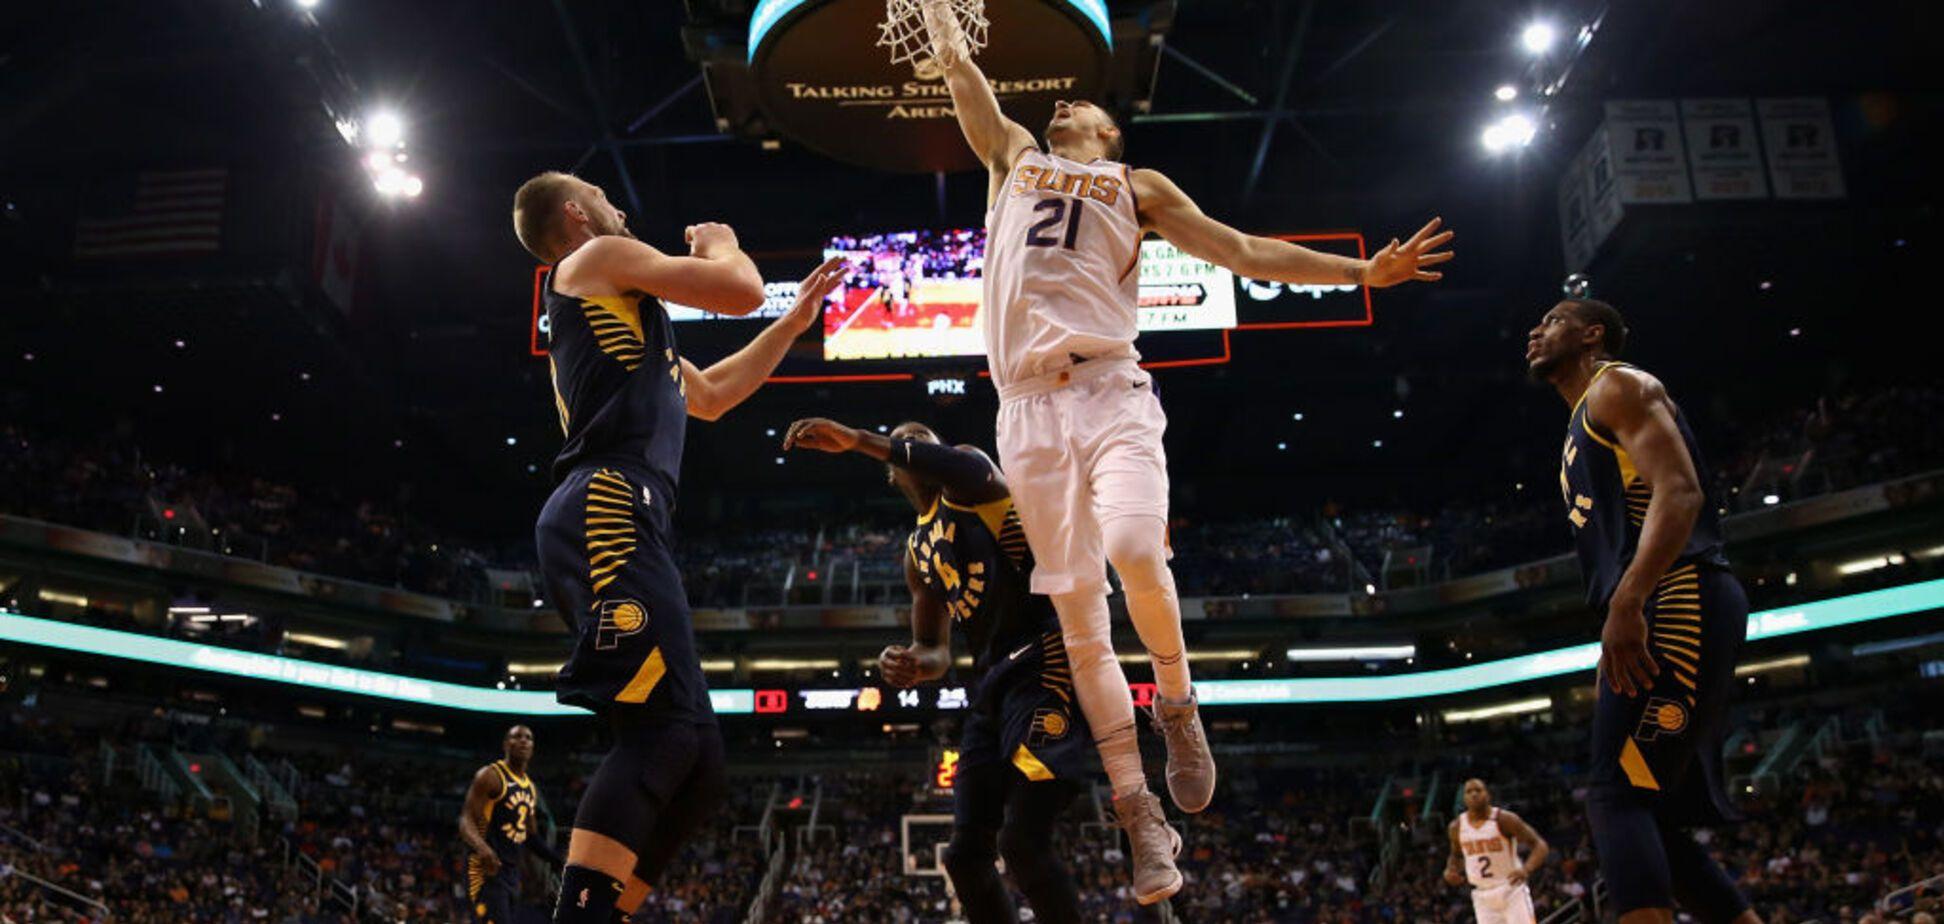 Единственный! Украинский баскетболист провел эффектный матч в НБА: опубликовано видео